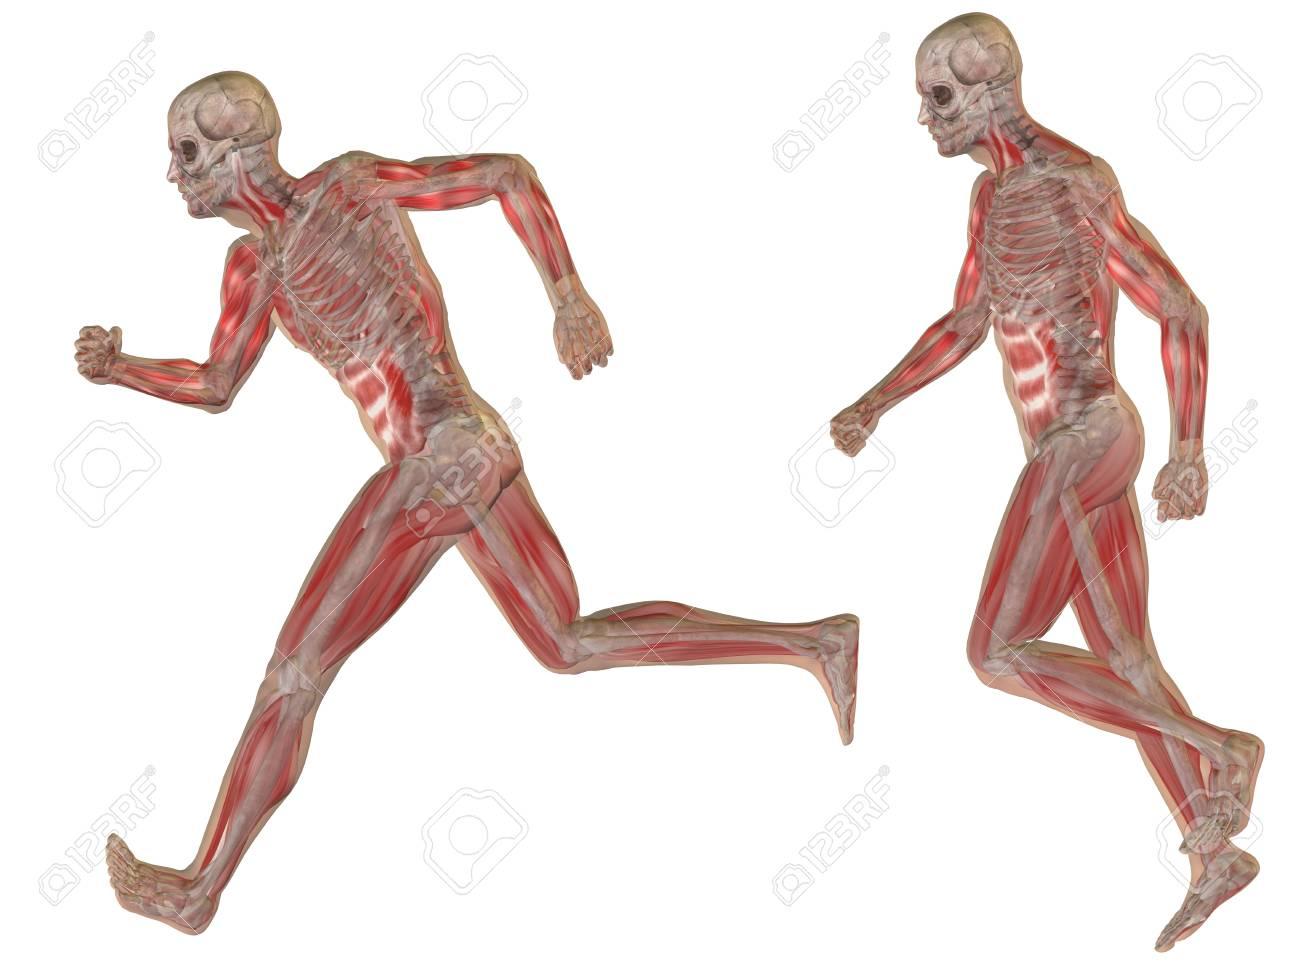 Konzeptionelle 3D Menschlichen Mann Anatomie Körper Isoliert ...